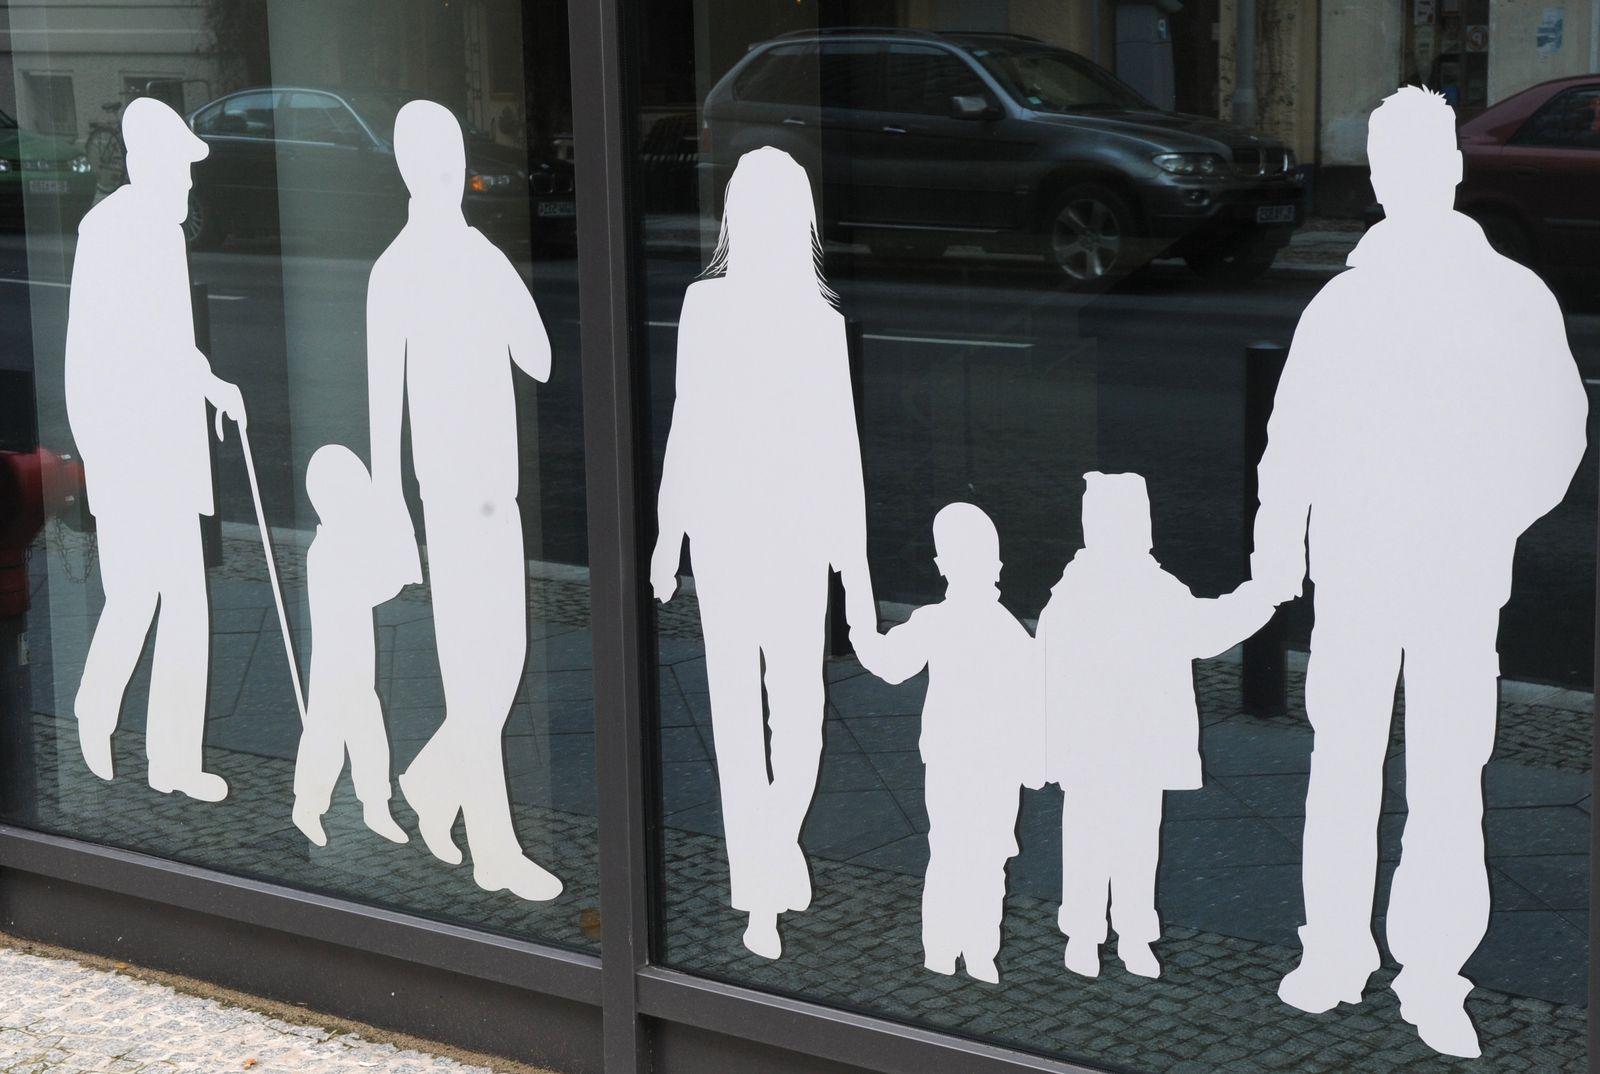 Bevölkerung/ Lebenserwartung